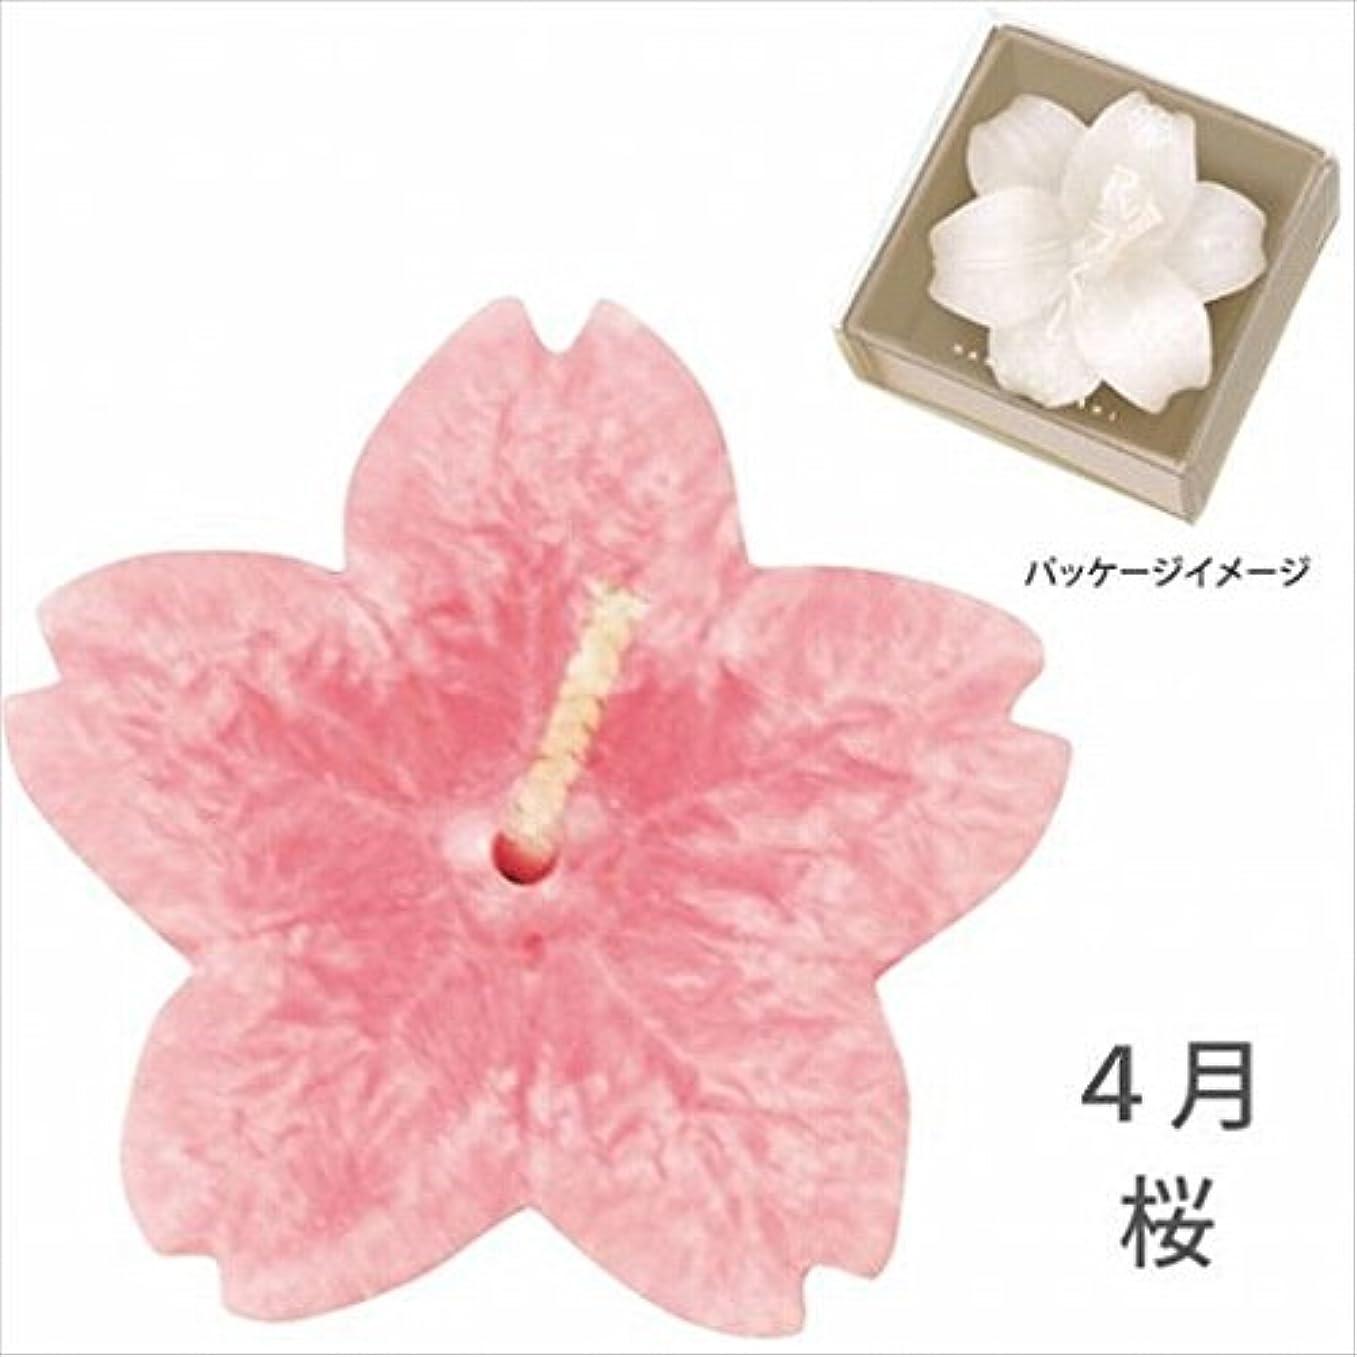 ラベンダー先サイバースペースカメヤマキャンドル(kameyama candle) 花づくし(植物性) 桜 「 桜(4月) 」 キャンドル